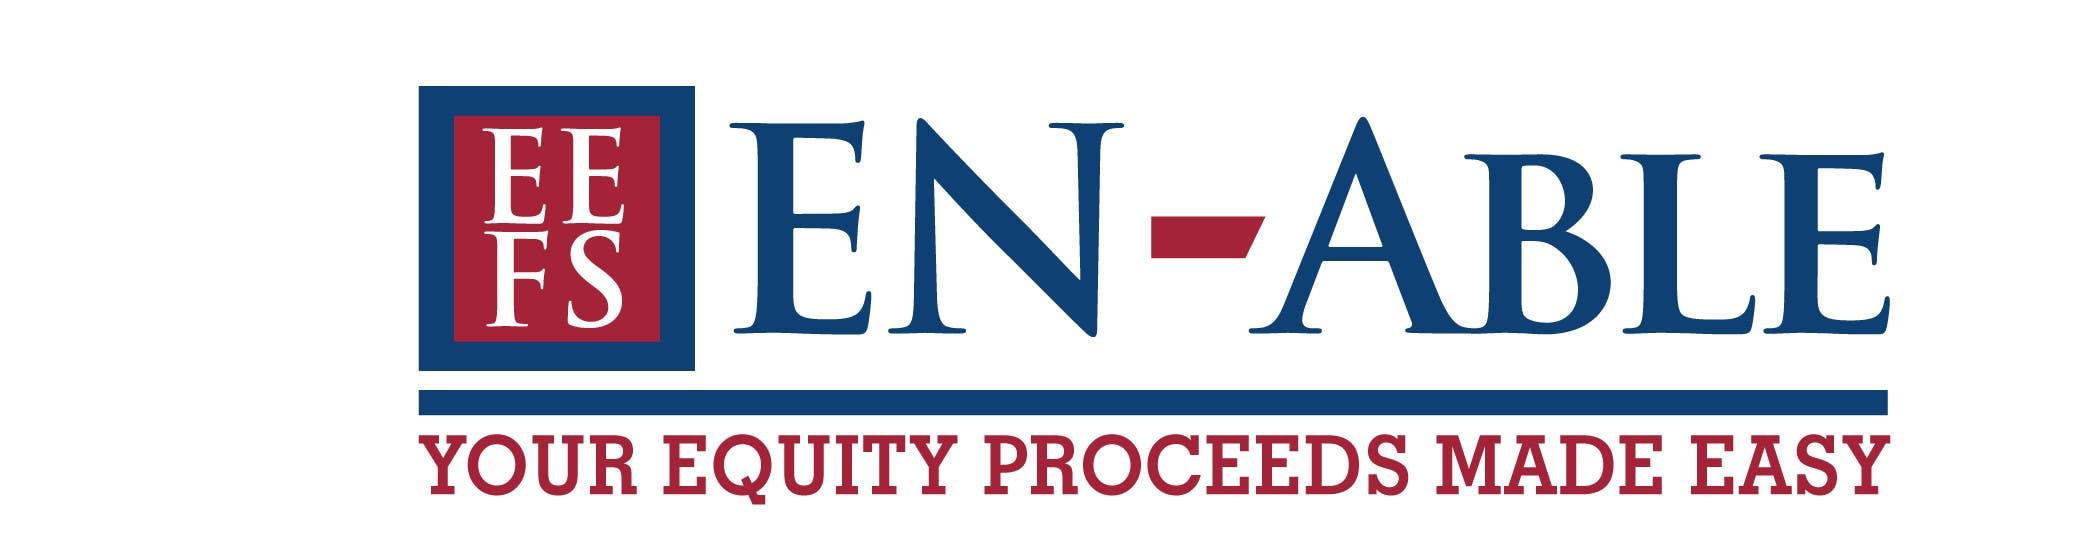 Bài tham dự cuộc thi #                                        61                                      cho                                         Design a Logo for EN-Able Equity Funding Solutions (Pty) Ltd